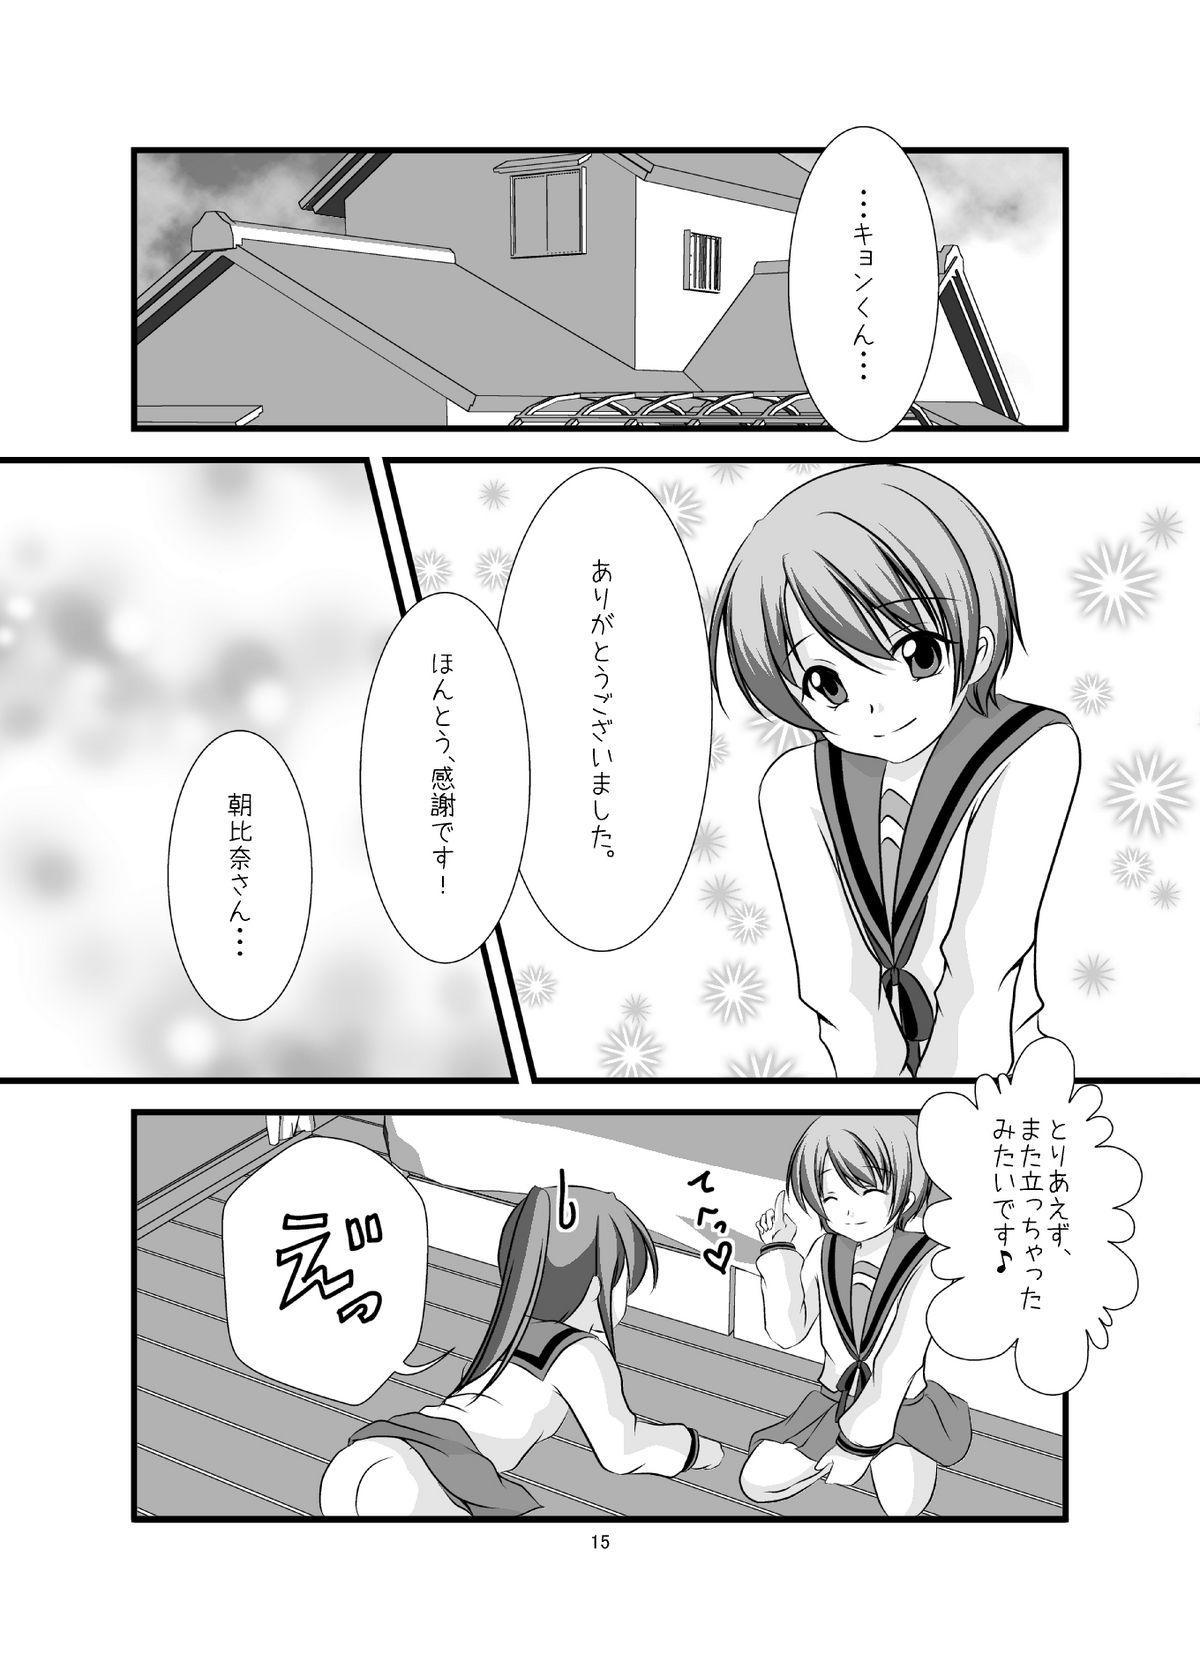 Hajimete 15